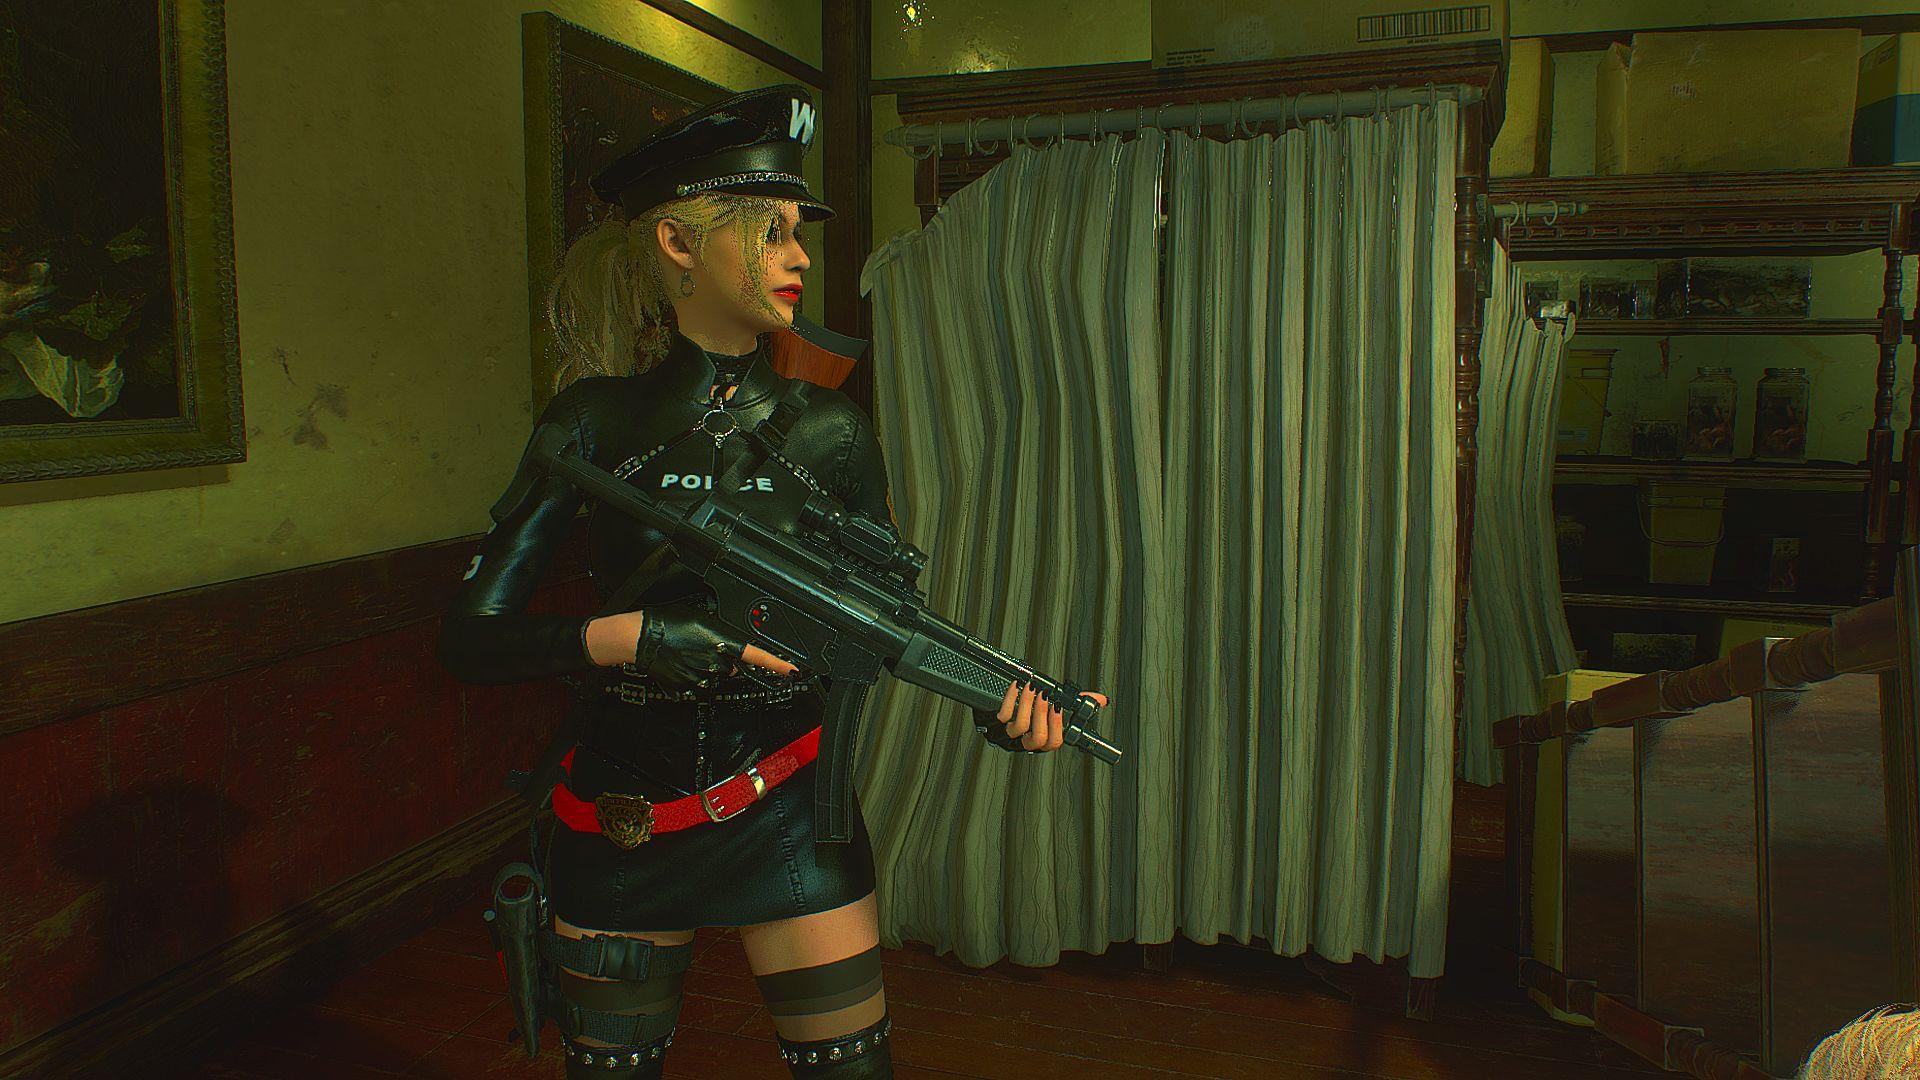 000122.Jpg - Resident Evil 2